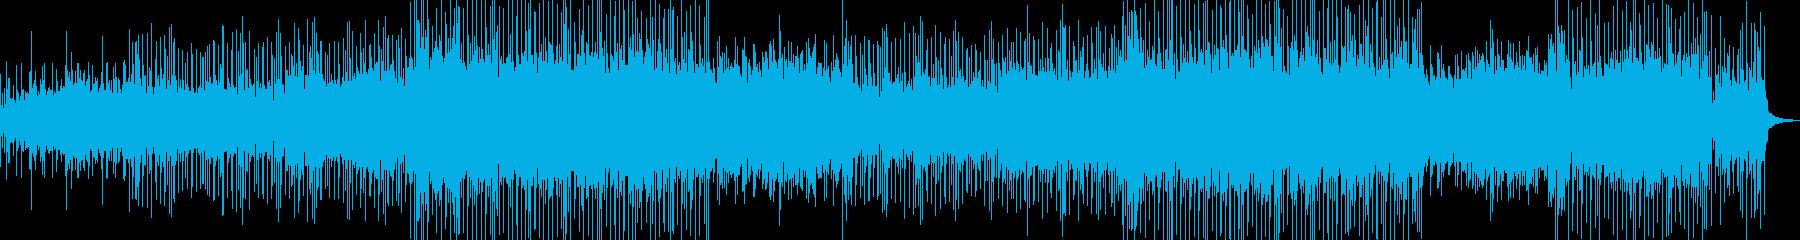 背景をポップします。アルペジエーターの再生済みの波形